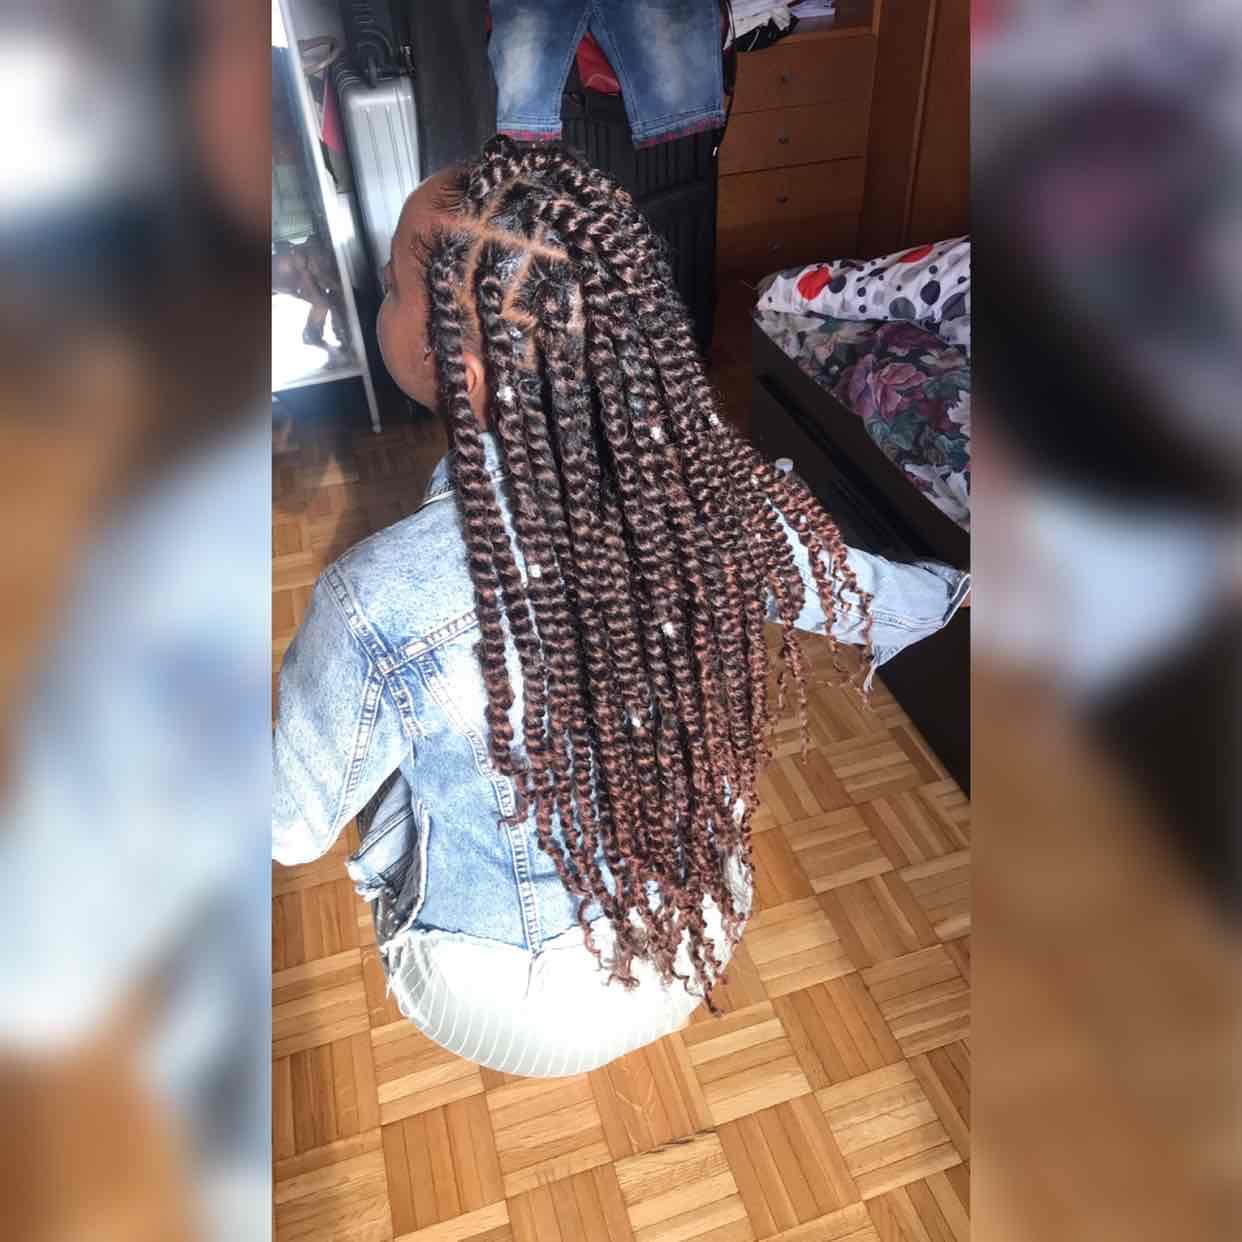 salon de coiffure afro tresse tresses box braids crochet braids vanilles tissages paris 75 77 78 91 92 93 94 95 UFGOKNLB